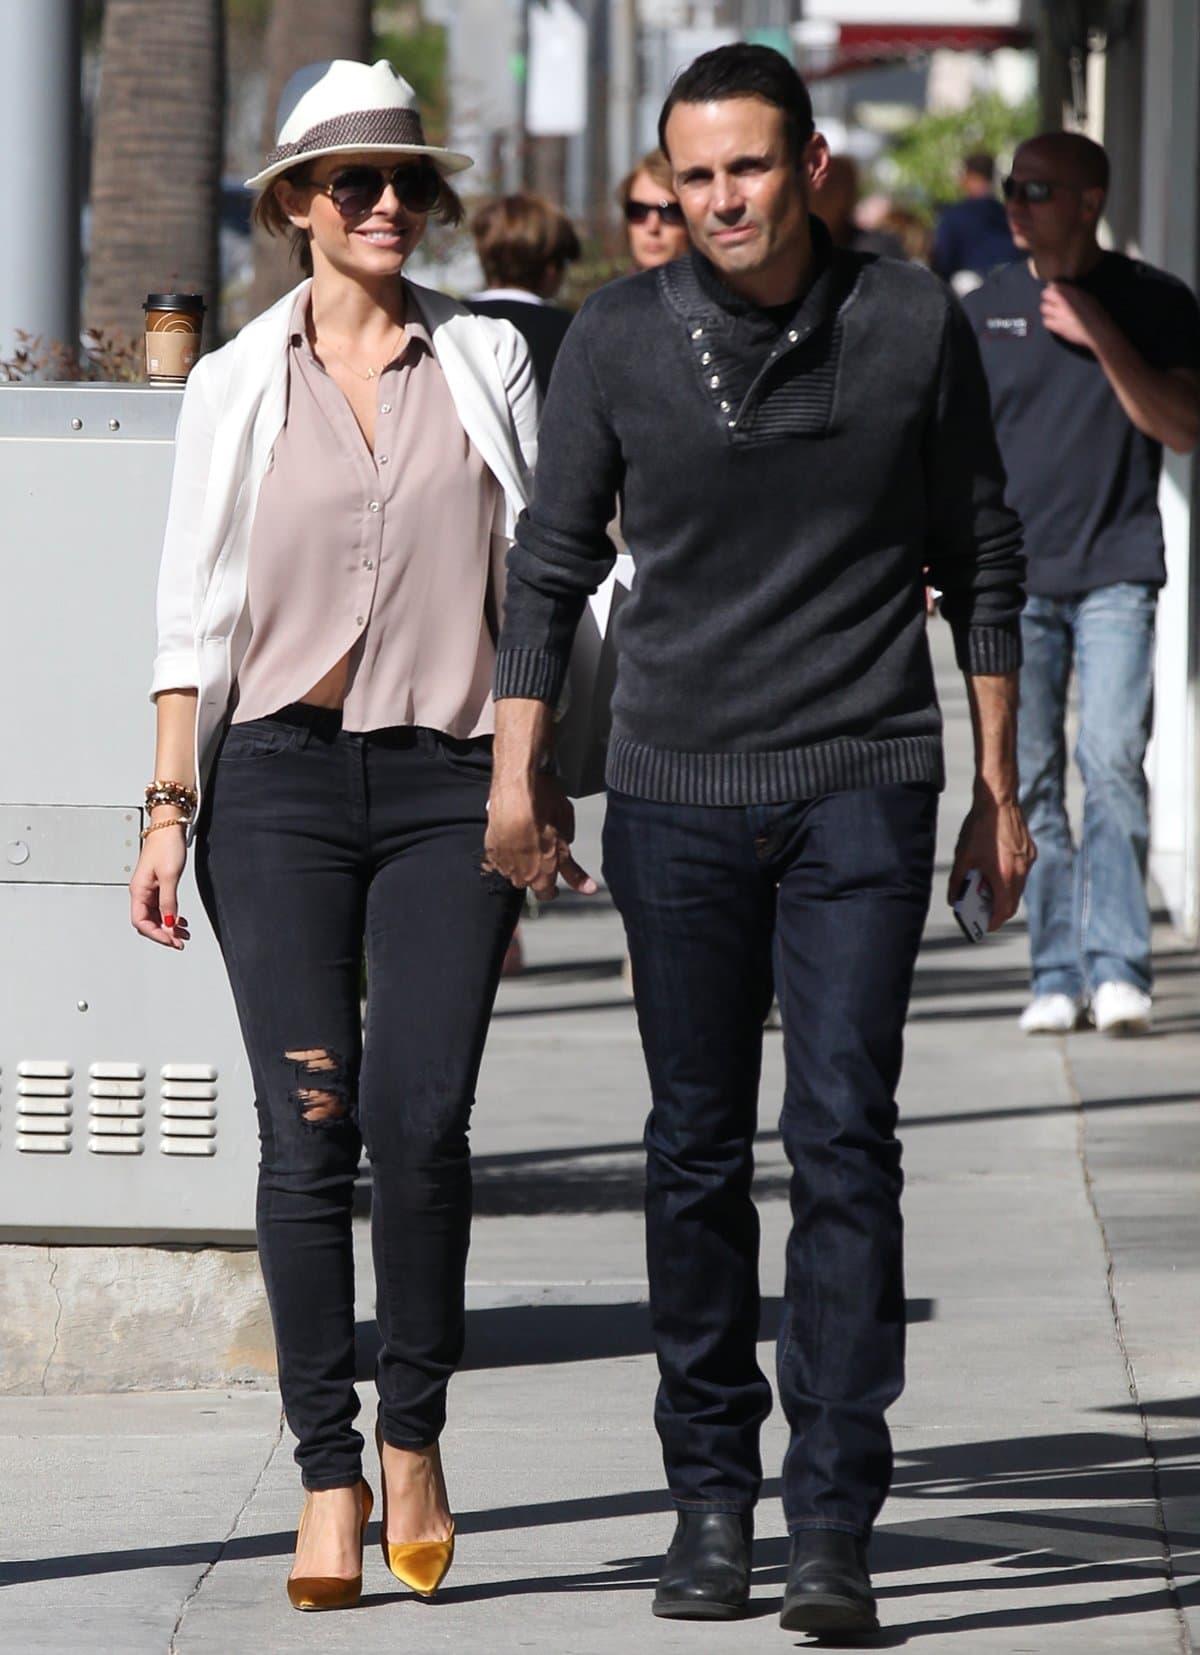 Maria Menounos and her boyfriend Keven Undergaro strolling in Beverly Hills